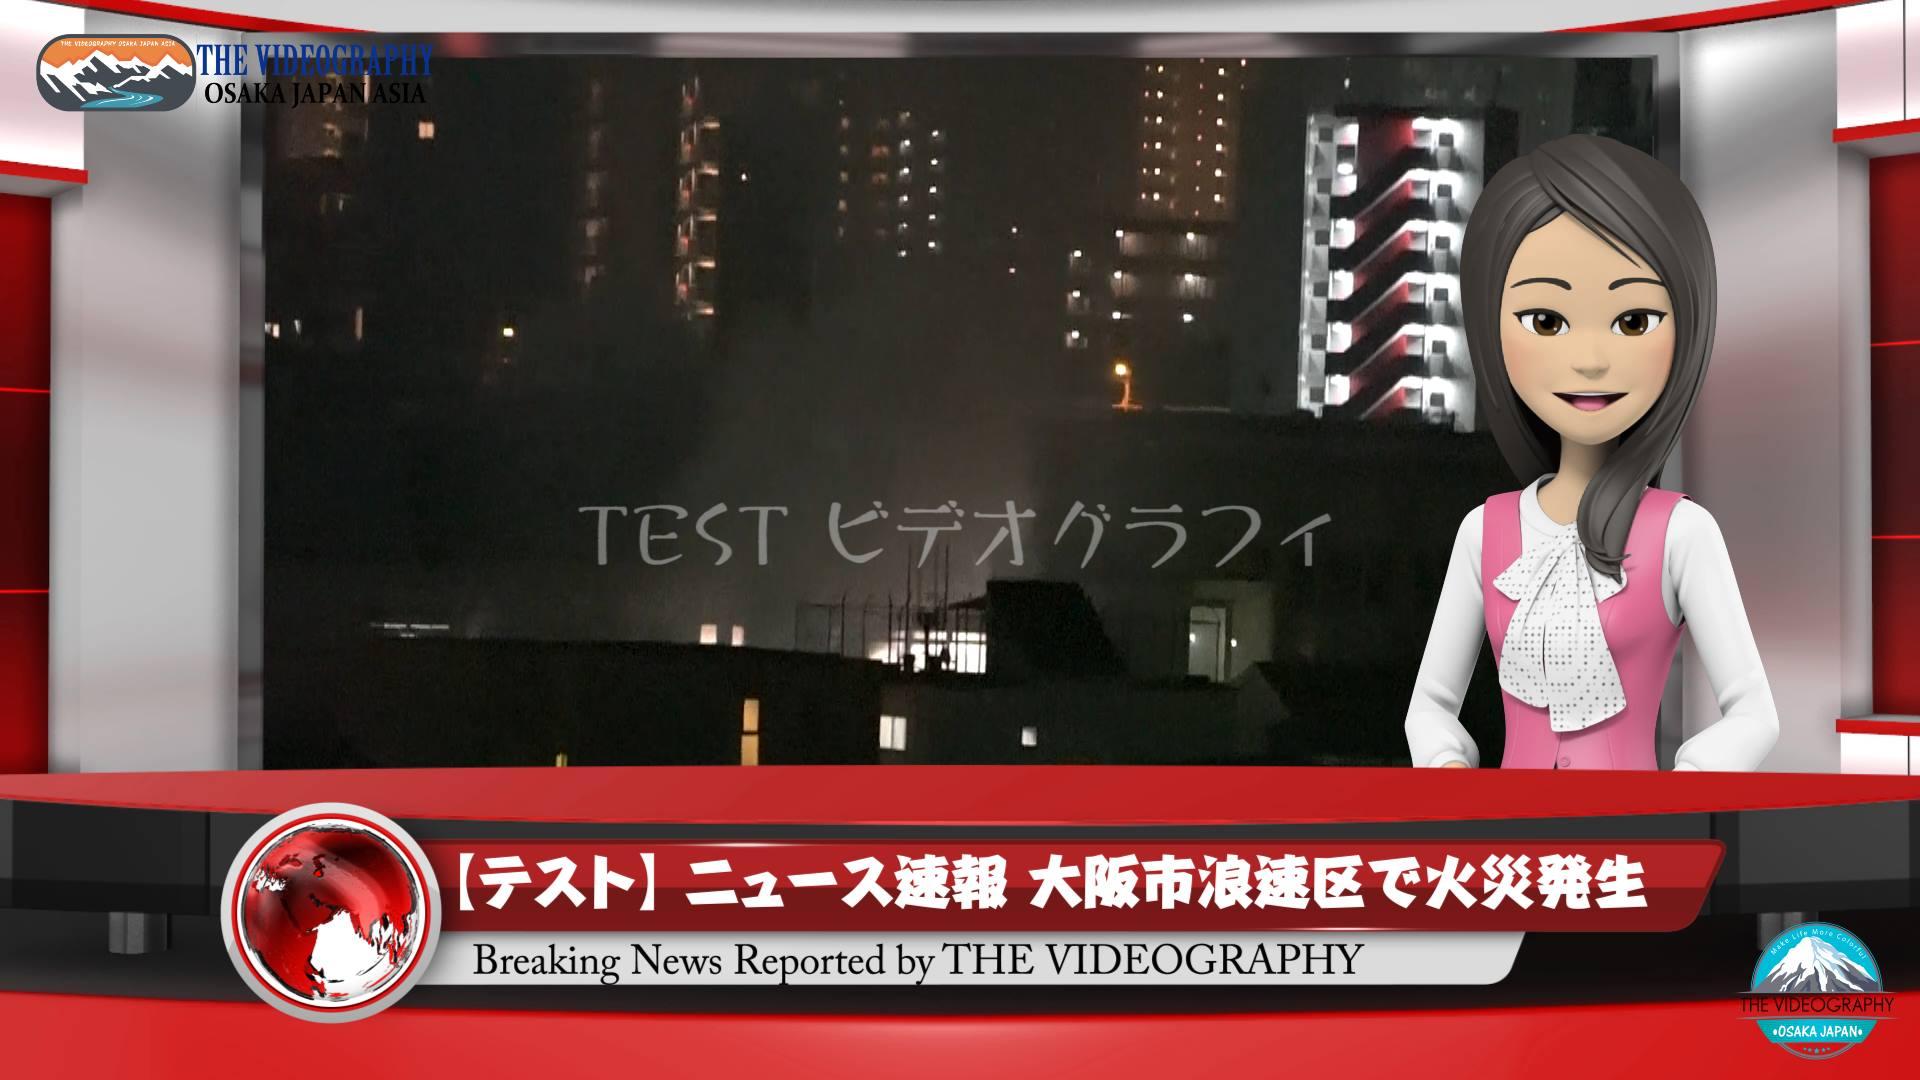 報道編集をアップデート・テレビジャーナリズムとテクノロジー